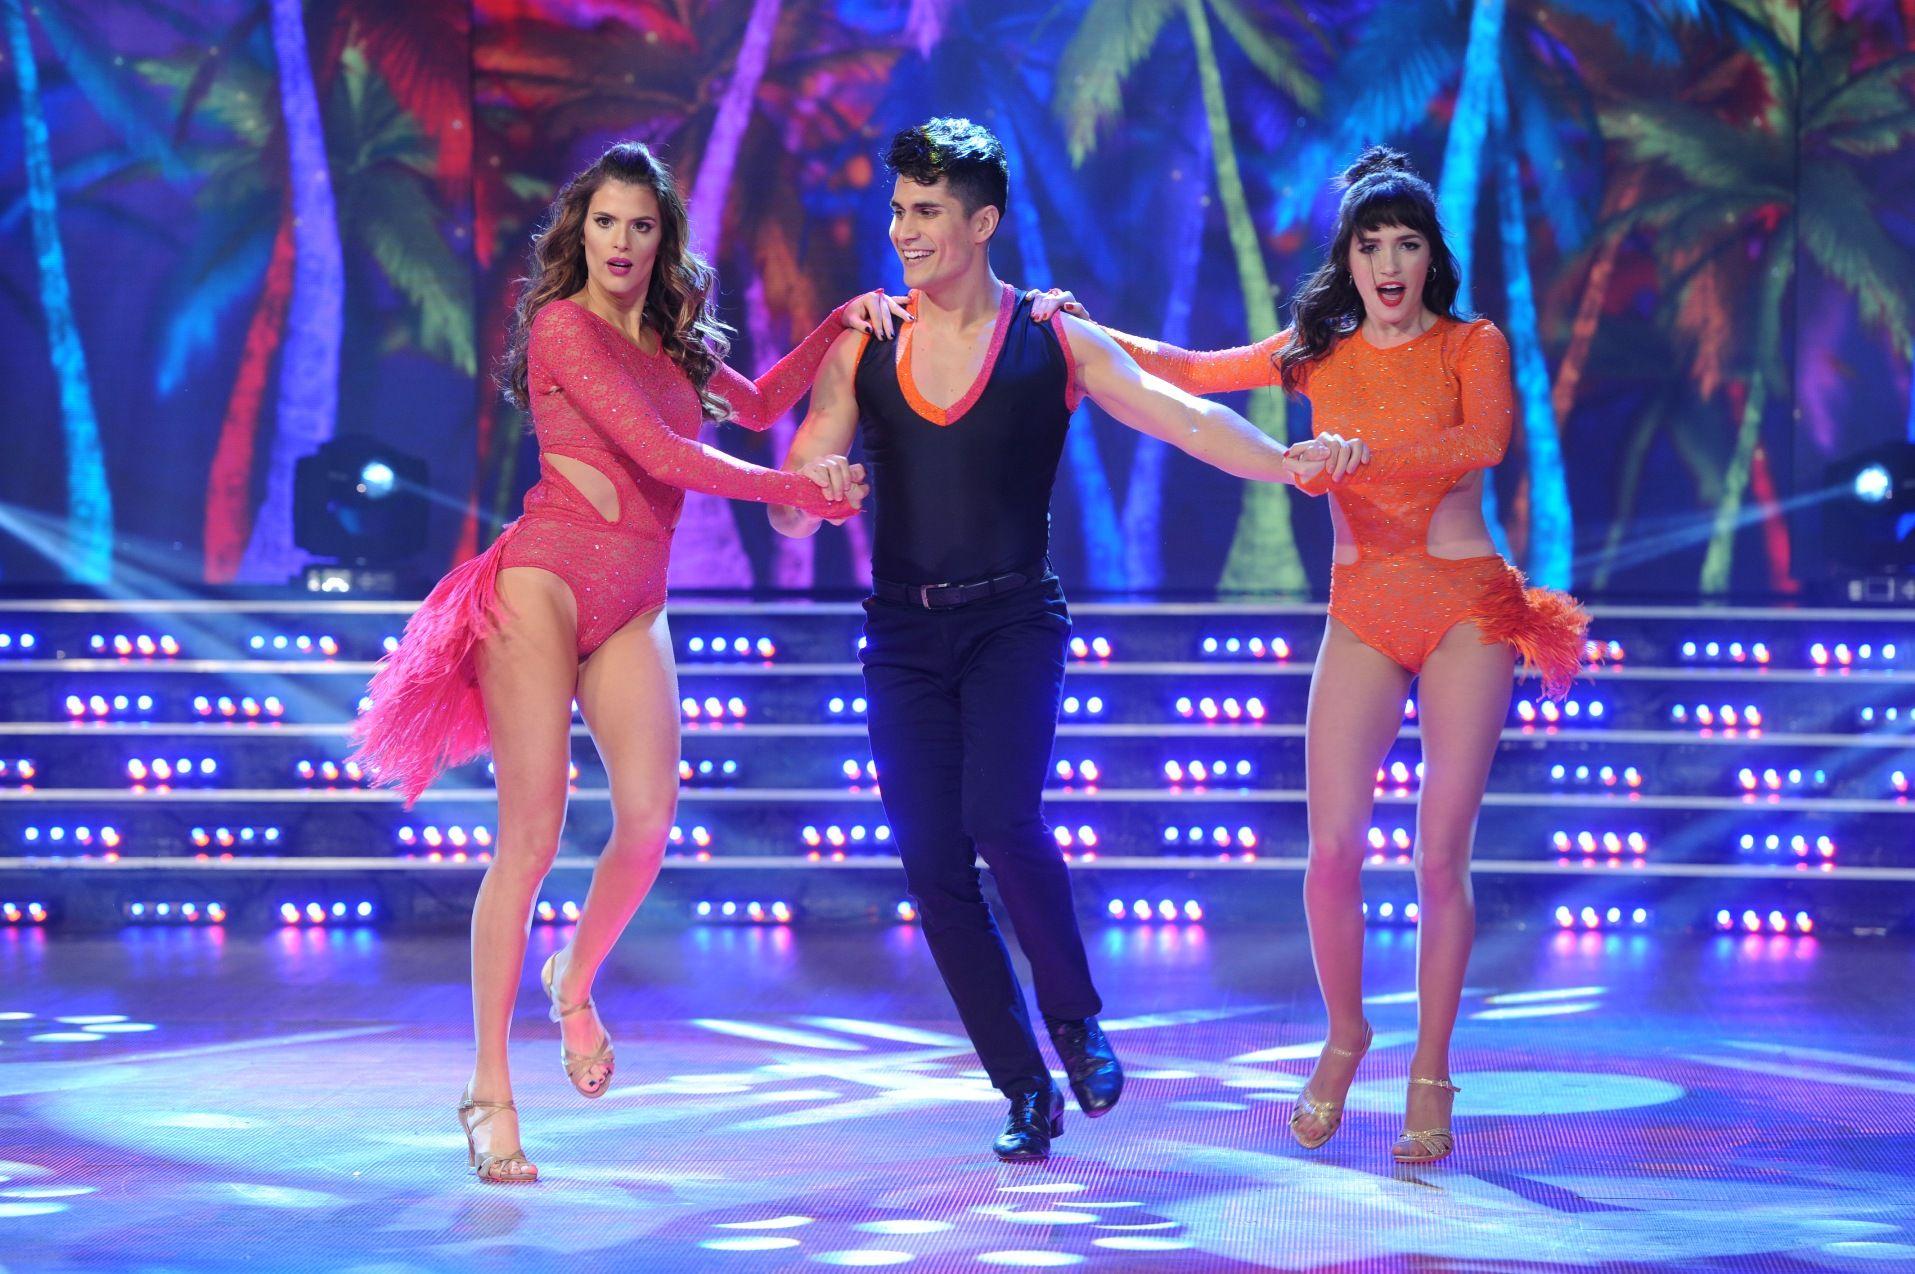 Cande Vetrano salvó a Mery del Cerro en la salsa: Se baila moviendo la cola